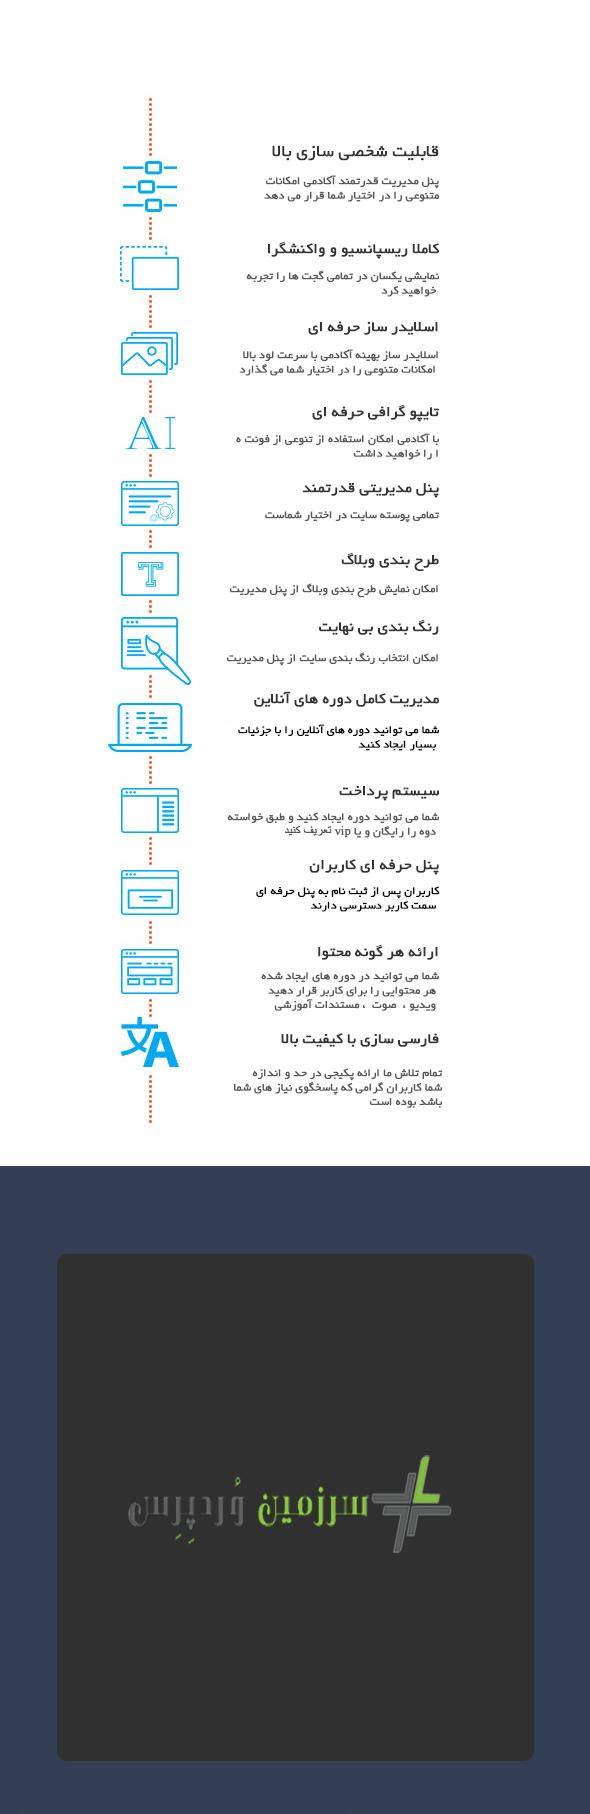 قالب آموزش آنلاین وردپرس Academy – سیستم آموزش آنلاین حرفه ای